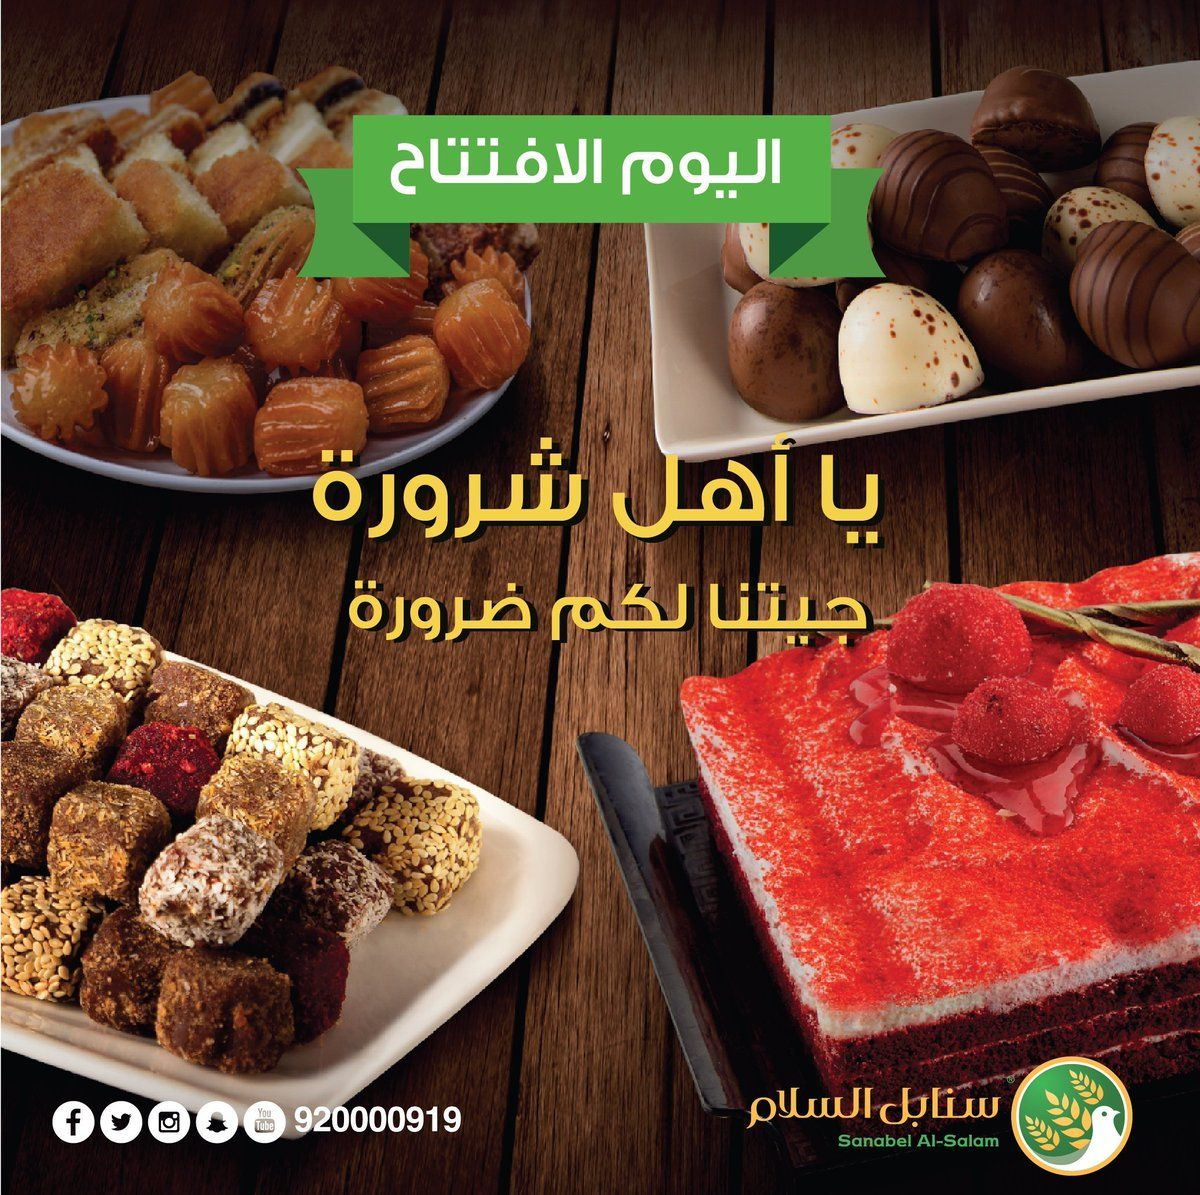 تخفيضات سنابل السلام 15 على جميع المنتجات مساء اليوم الأربعاء 14 3 2018 Https Www 3orod Today Saudi Arabia Offers D8 Aa D8 Ae D9 81 Food Breakfast Cereal